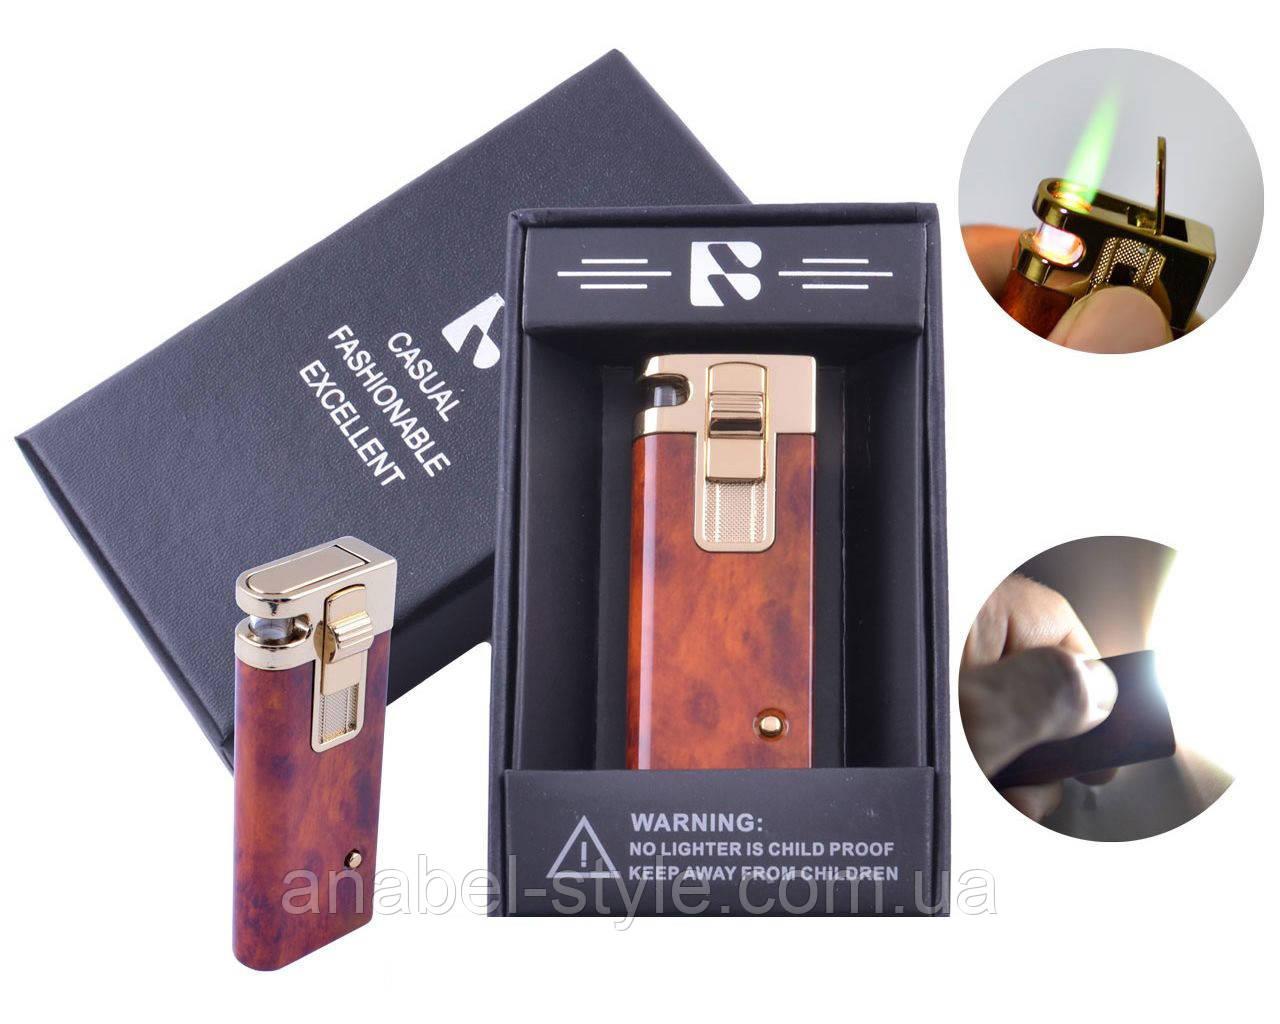 Зажигалка подарочная FANG-FANG (Турбо пламя, Фонарик) №3967-1 Код 117934-1